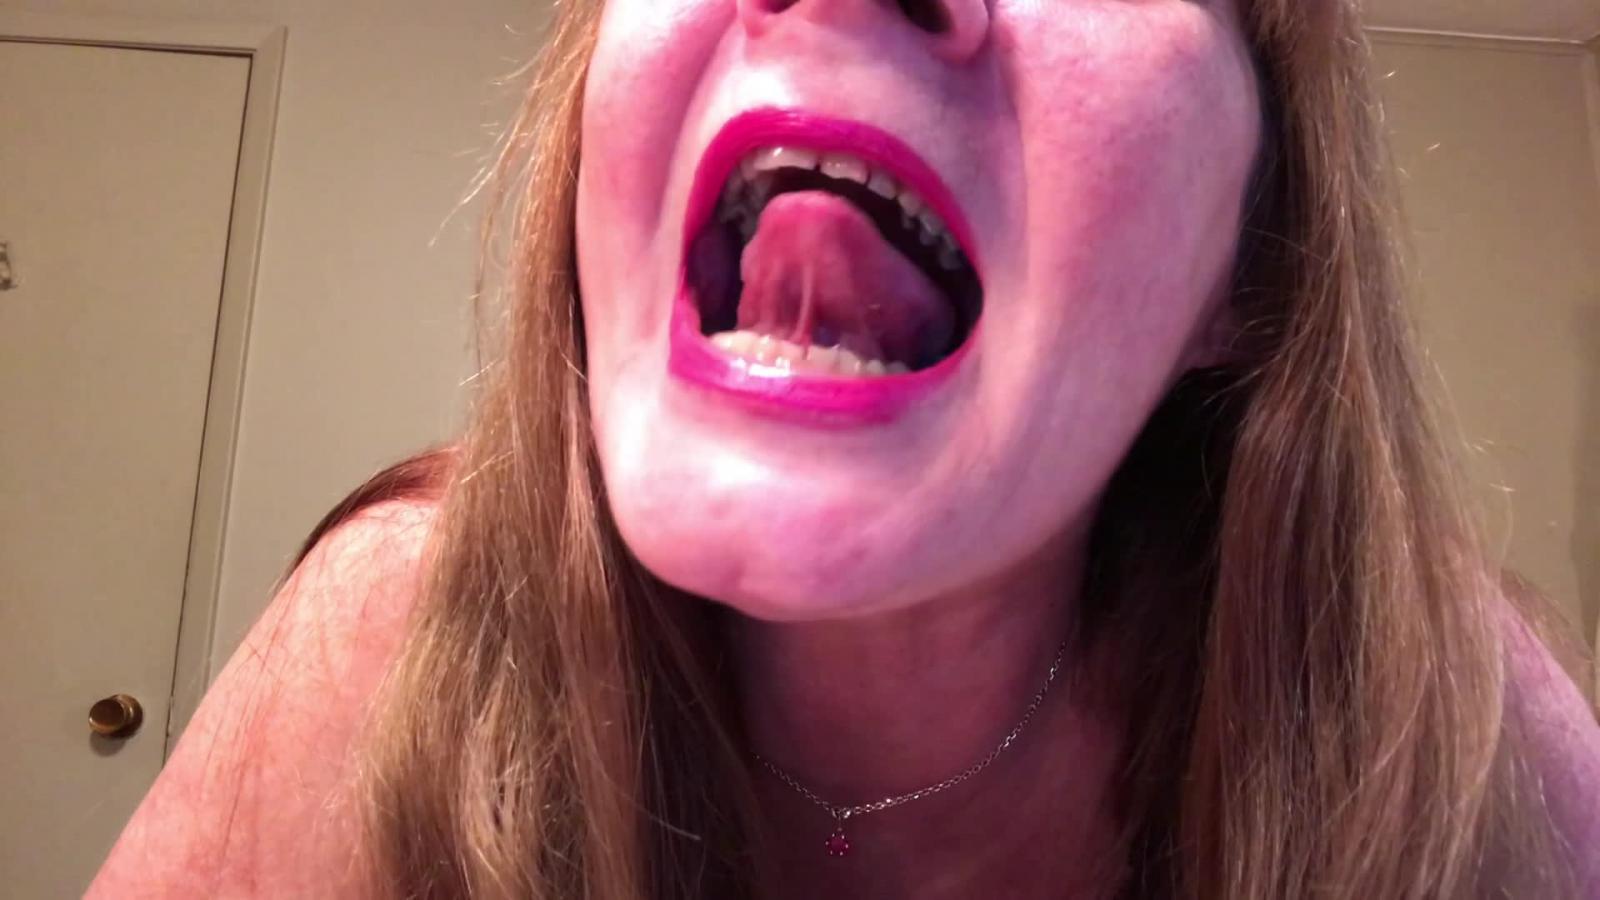 Только в рот онлайн, Порно кончают в рот смотреть онлайн без рекламы 19 фотография